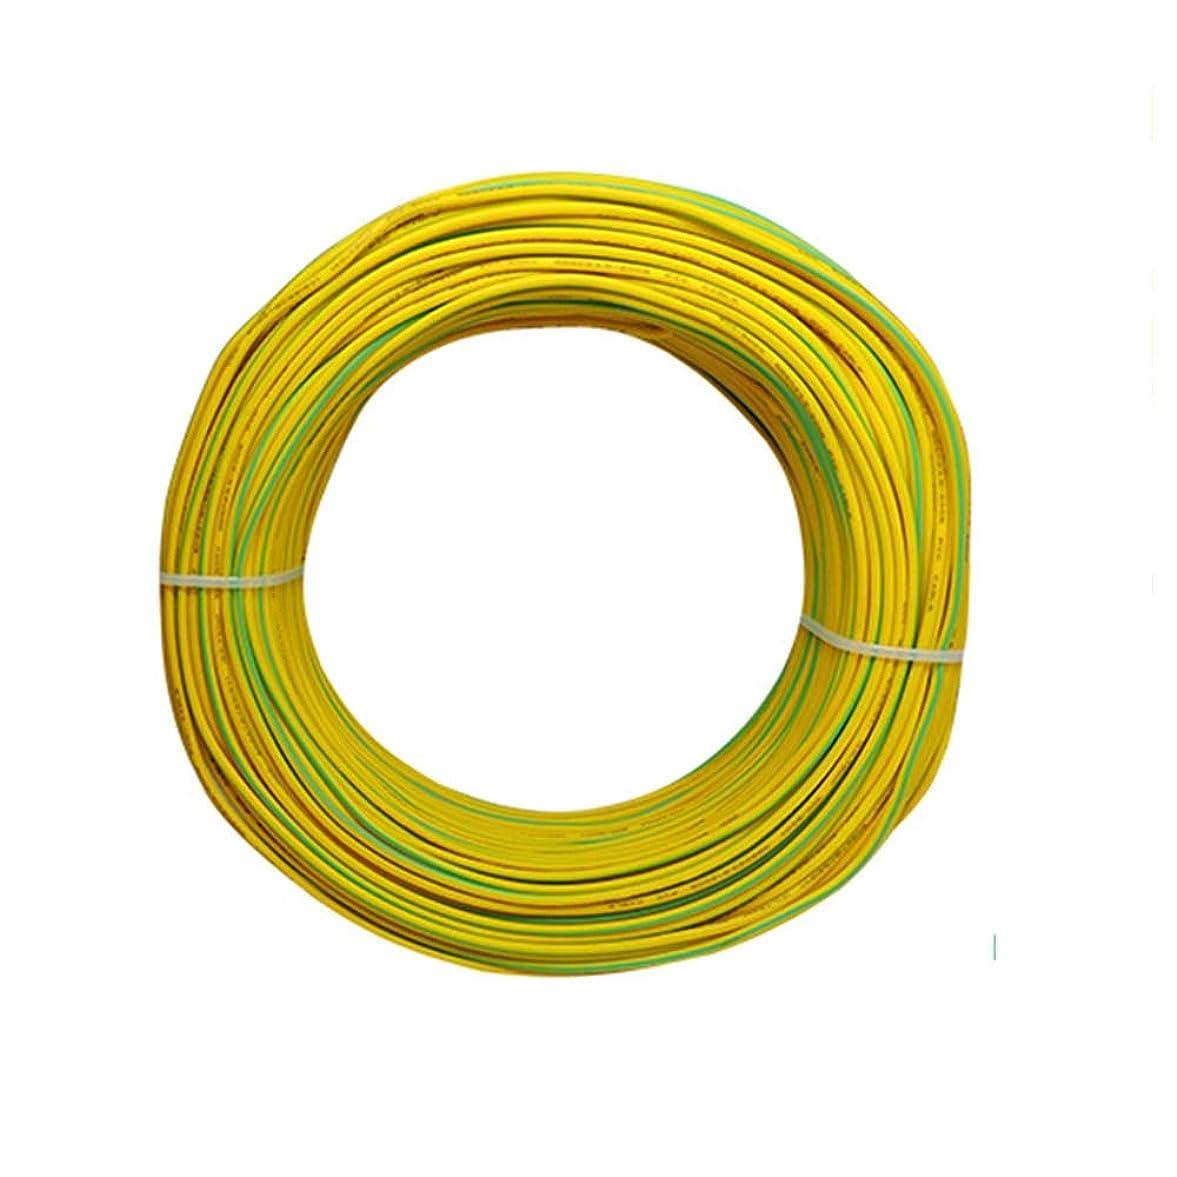 シエスタ均等に代わりにHUAHUA 電線ケーブル 可撓性ワイヤ0.3-6mm2無酸素銅コアPVC絶縁ホーム改善家庭用電源コード多重鎖100メートル (Color : Style 5, Size : 0.5mm2)